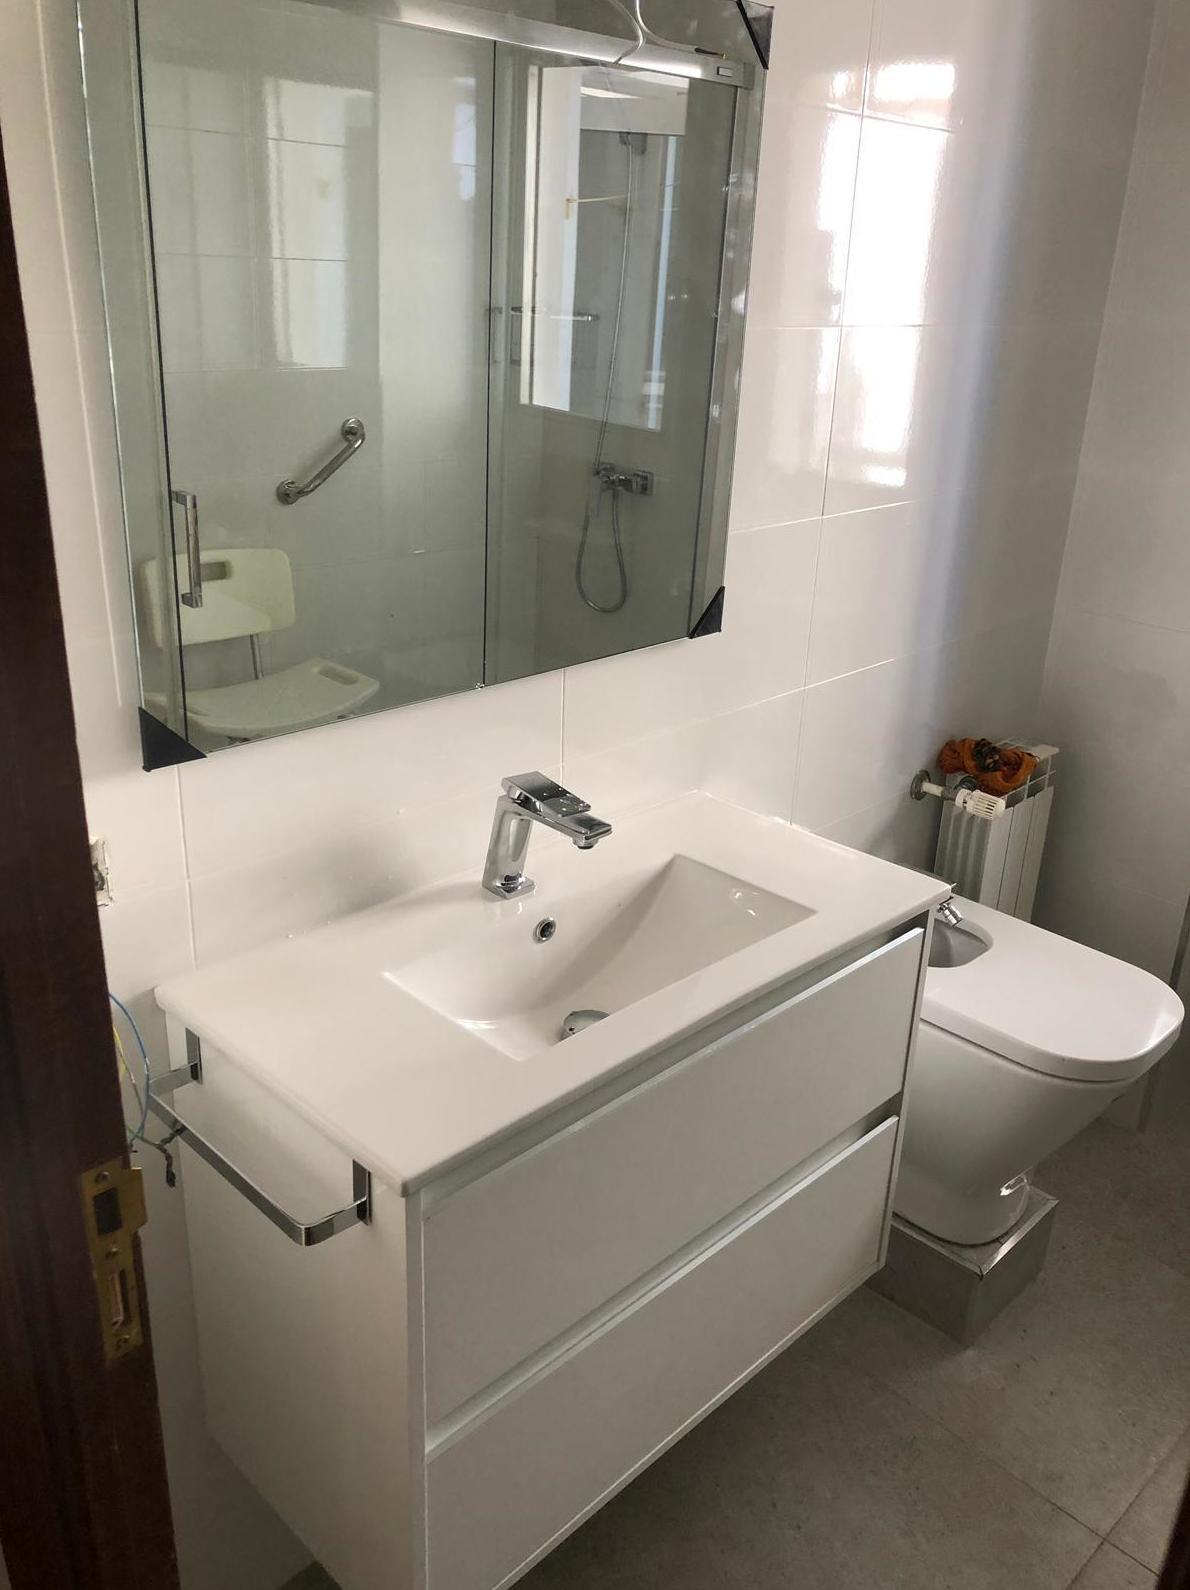 Foto 39 de Reformas en baños y cocinas en Trobajo del Camino | F. Alba, cocinas y baños